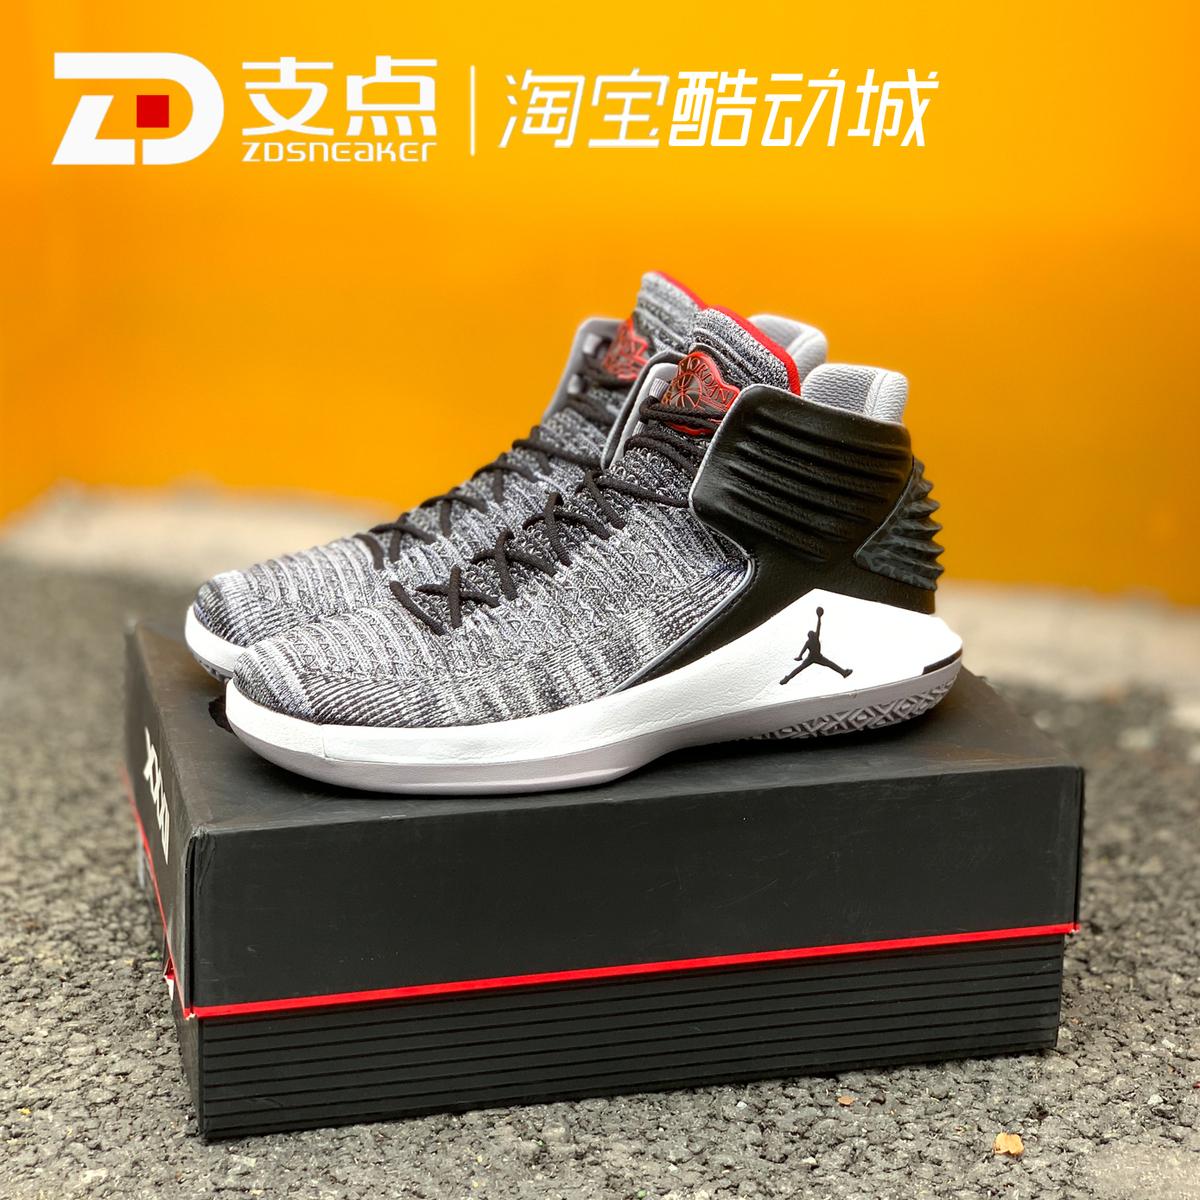 AIR JORDAN 32 AJ32 MVP 乔32 酷灰 灰噪音男子篮球鞋 AA1253-002